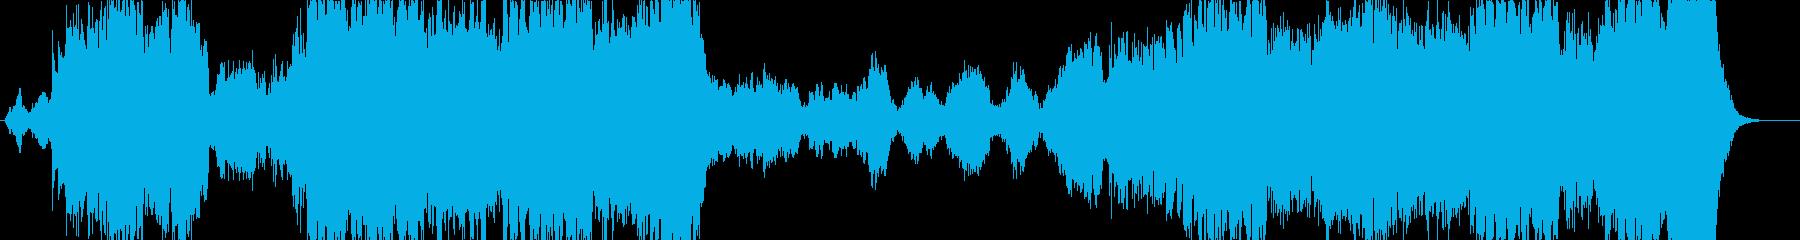 ファンタジー映画風オーケストラ 旅立ちの再生済みの波形